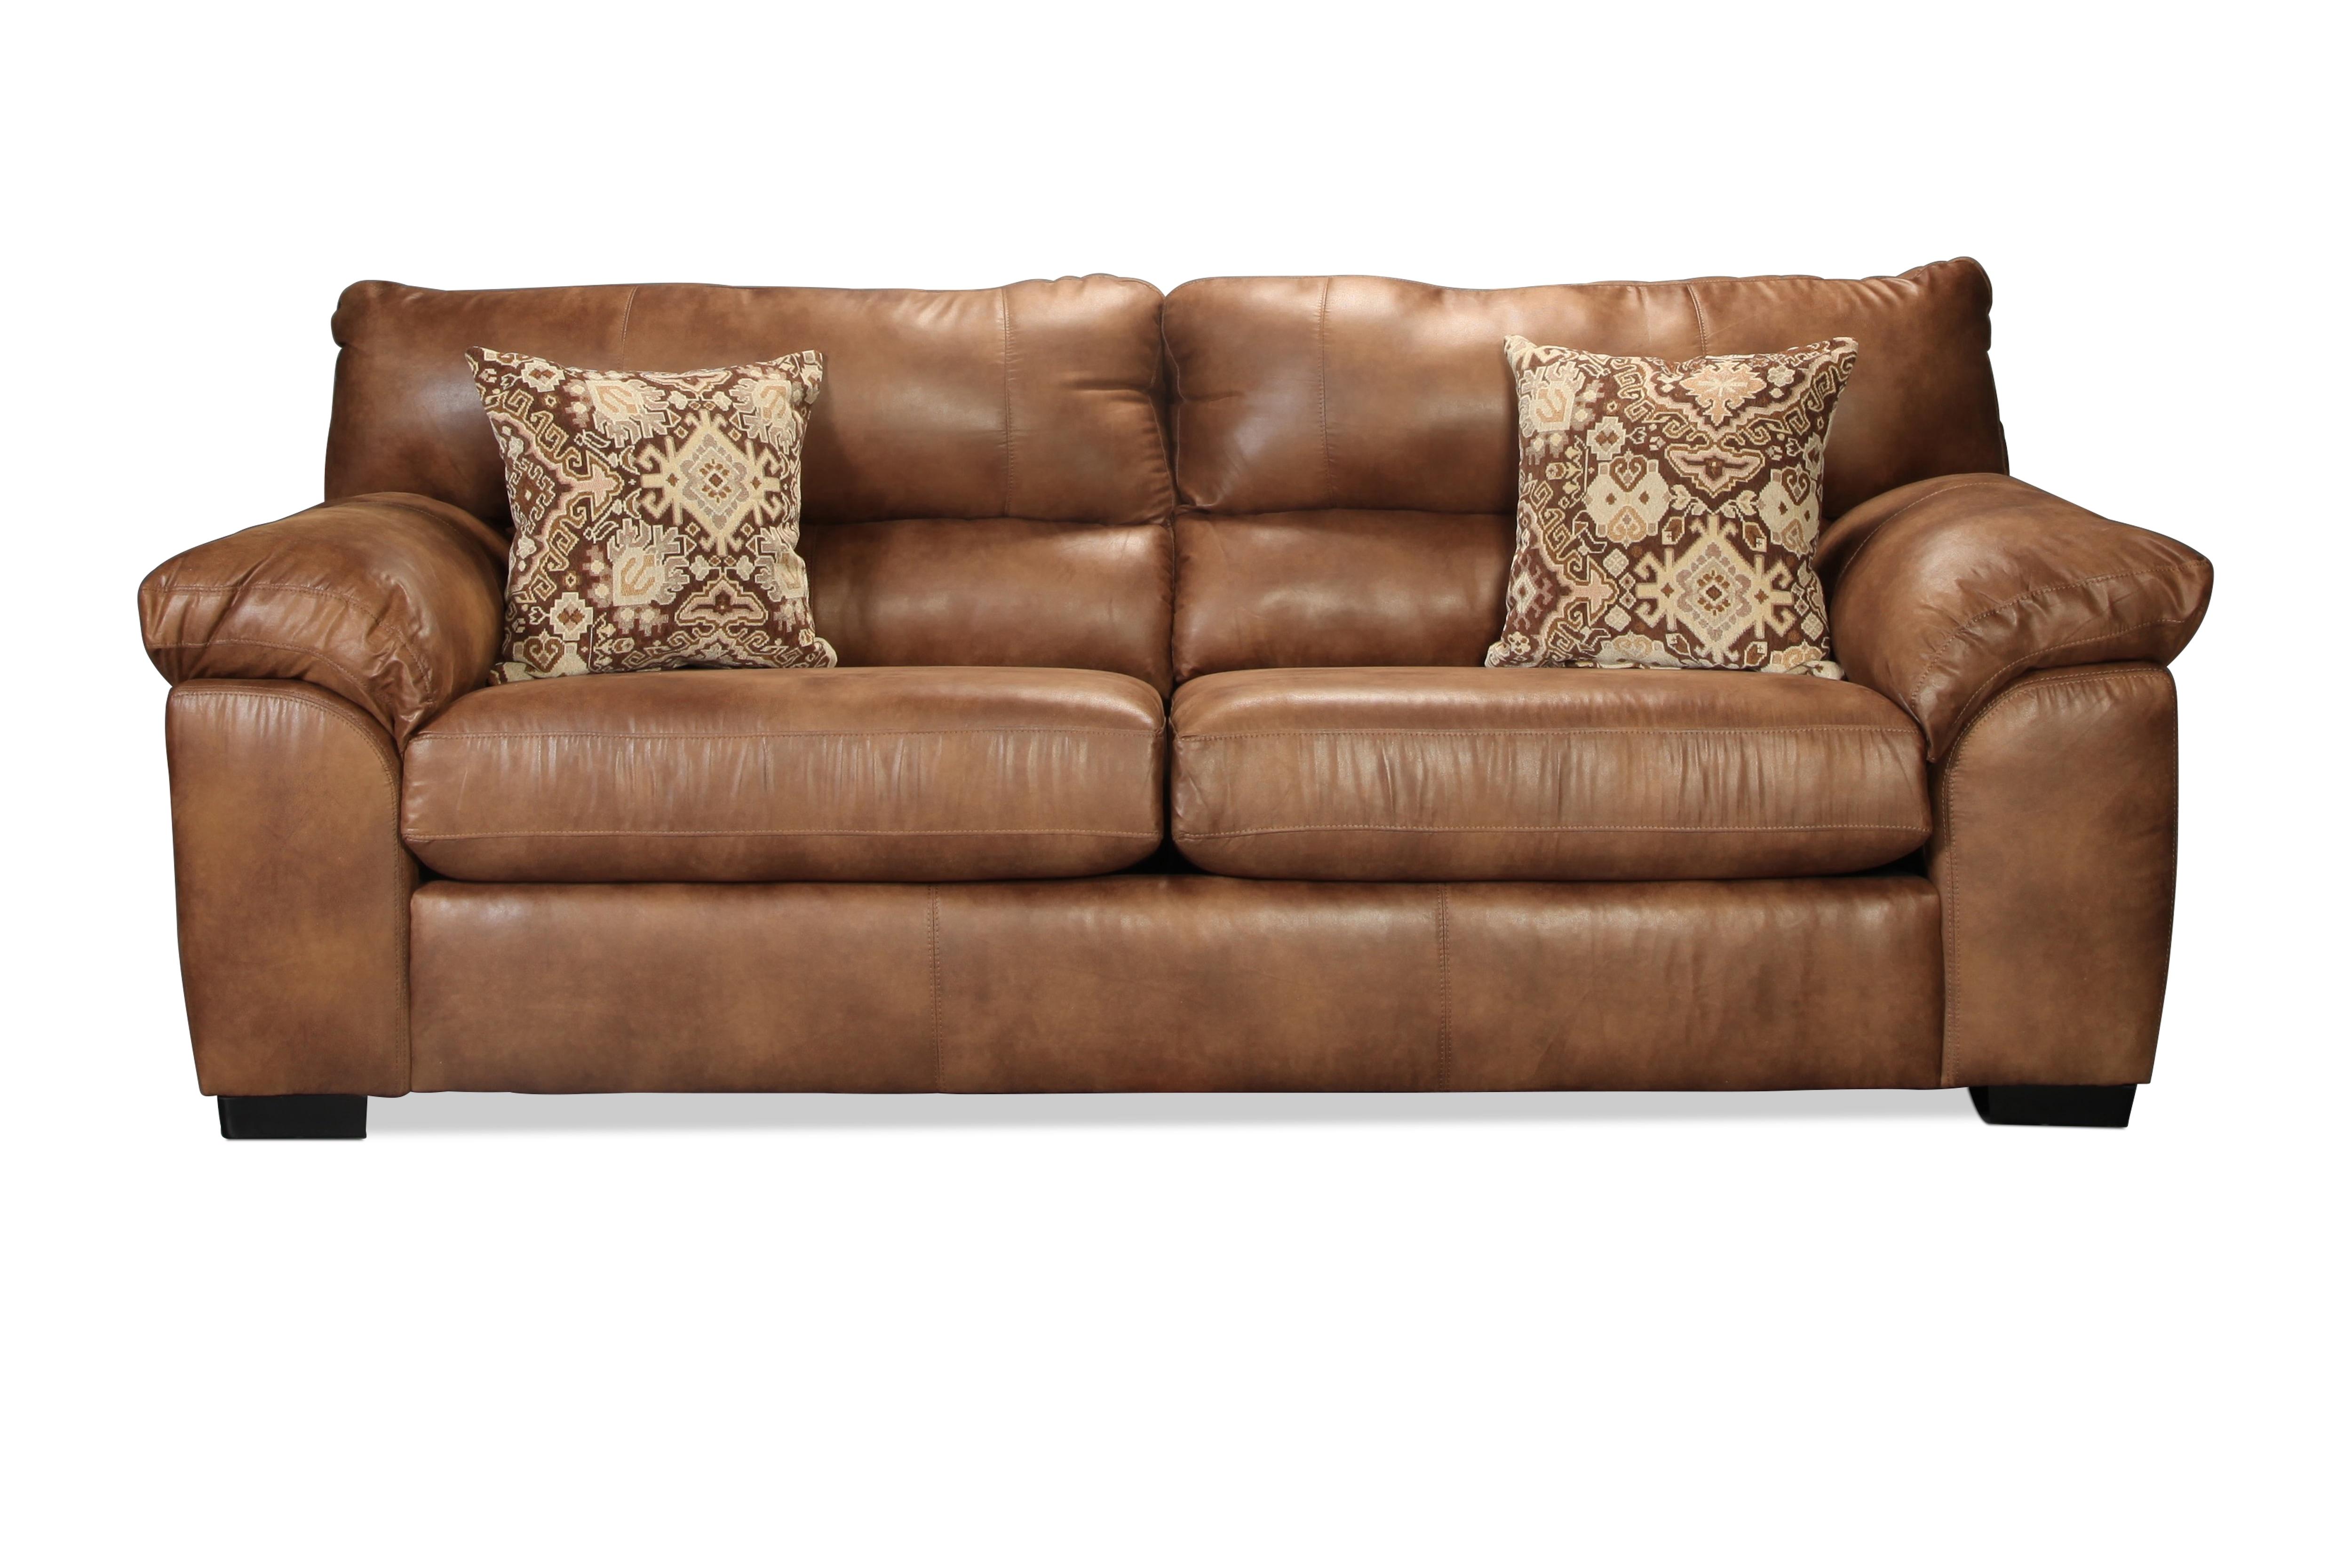 Diamond furniture living room sets provo sofa canyon